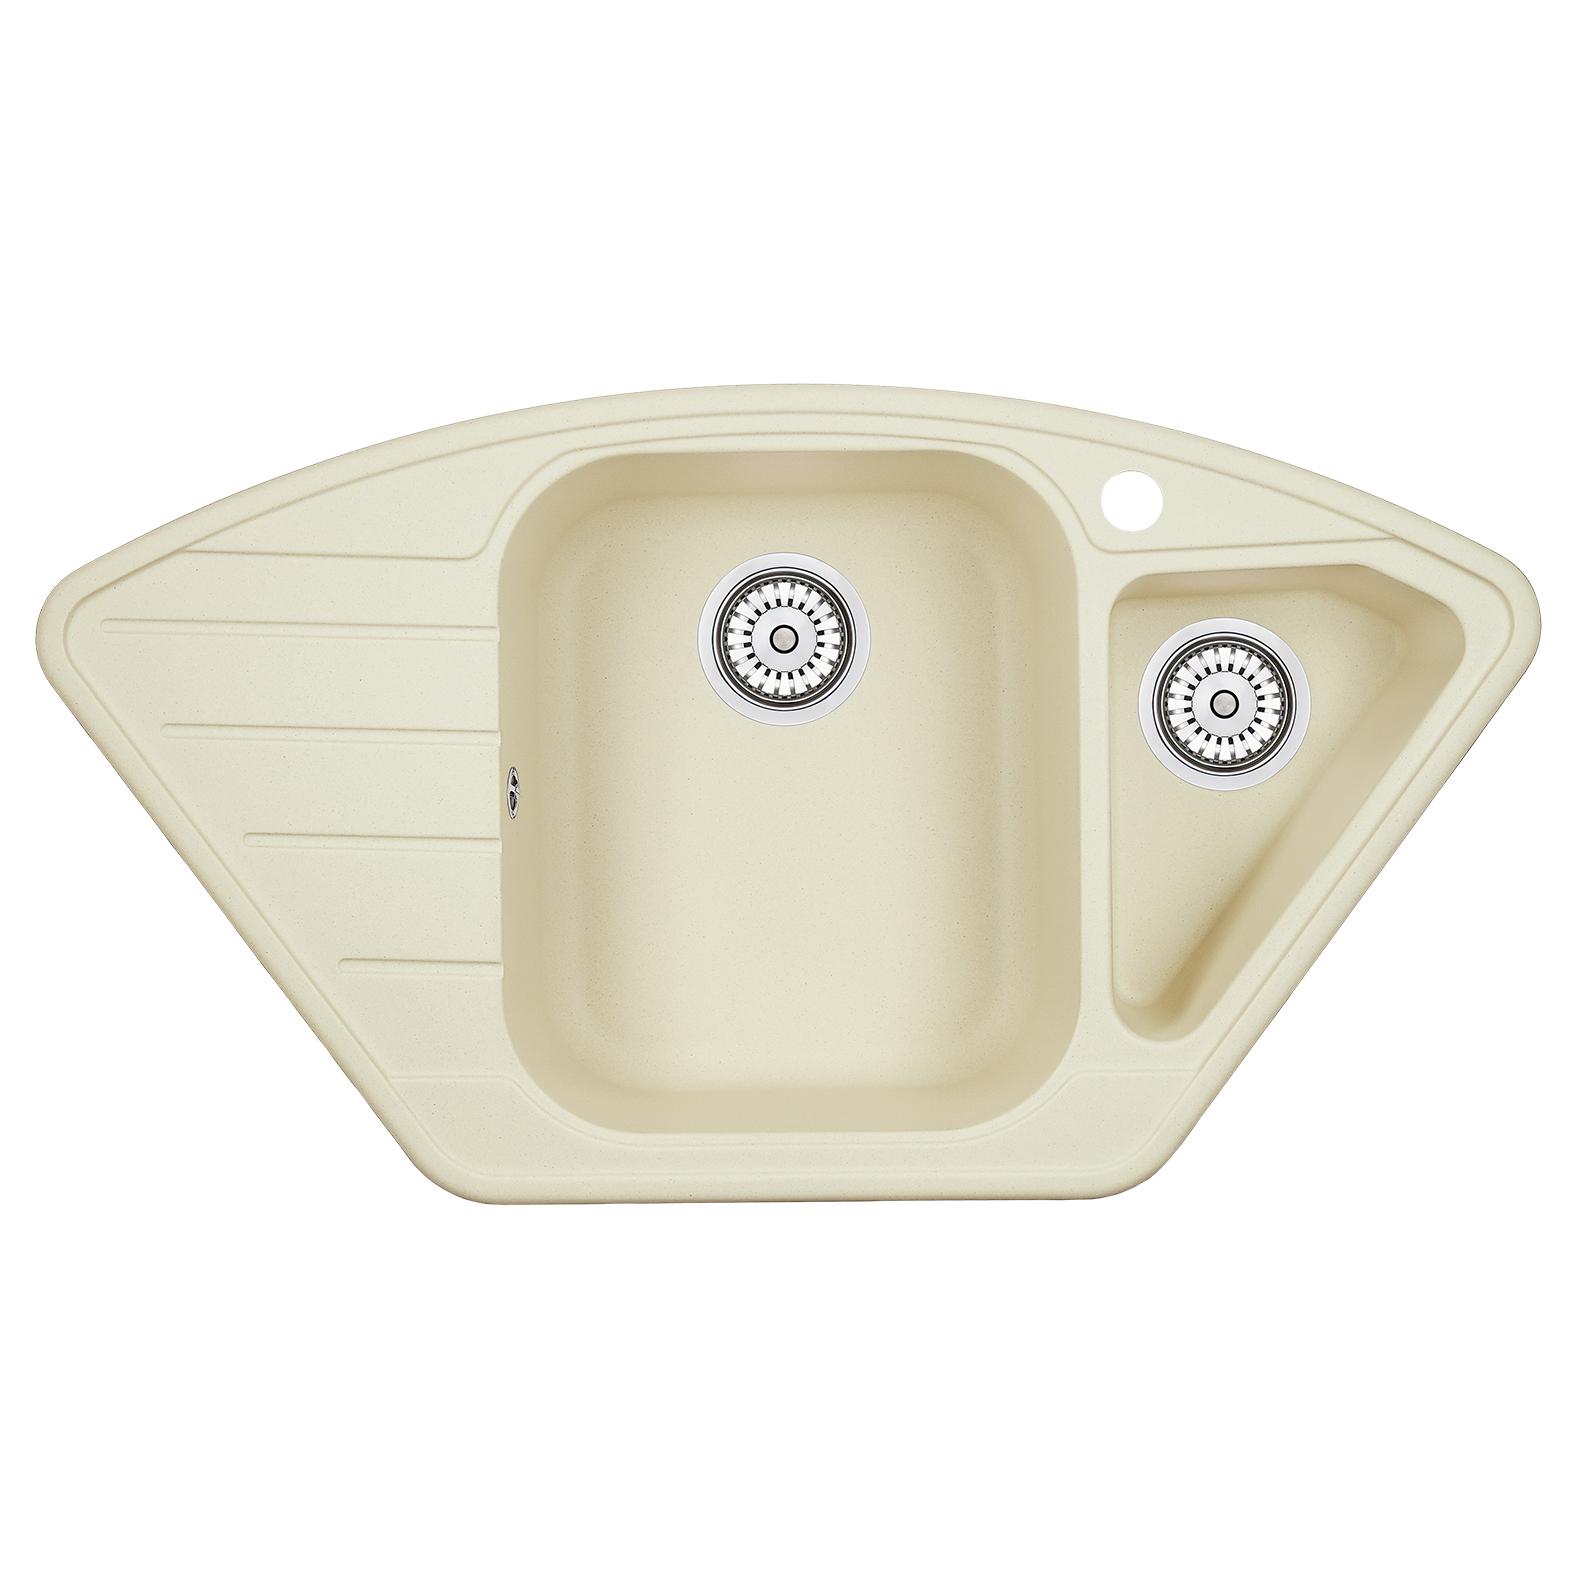 Кухонная мойка Granula GR-9101 890х490 брют кухонная мойка teka centroval mic